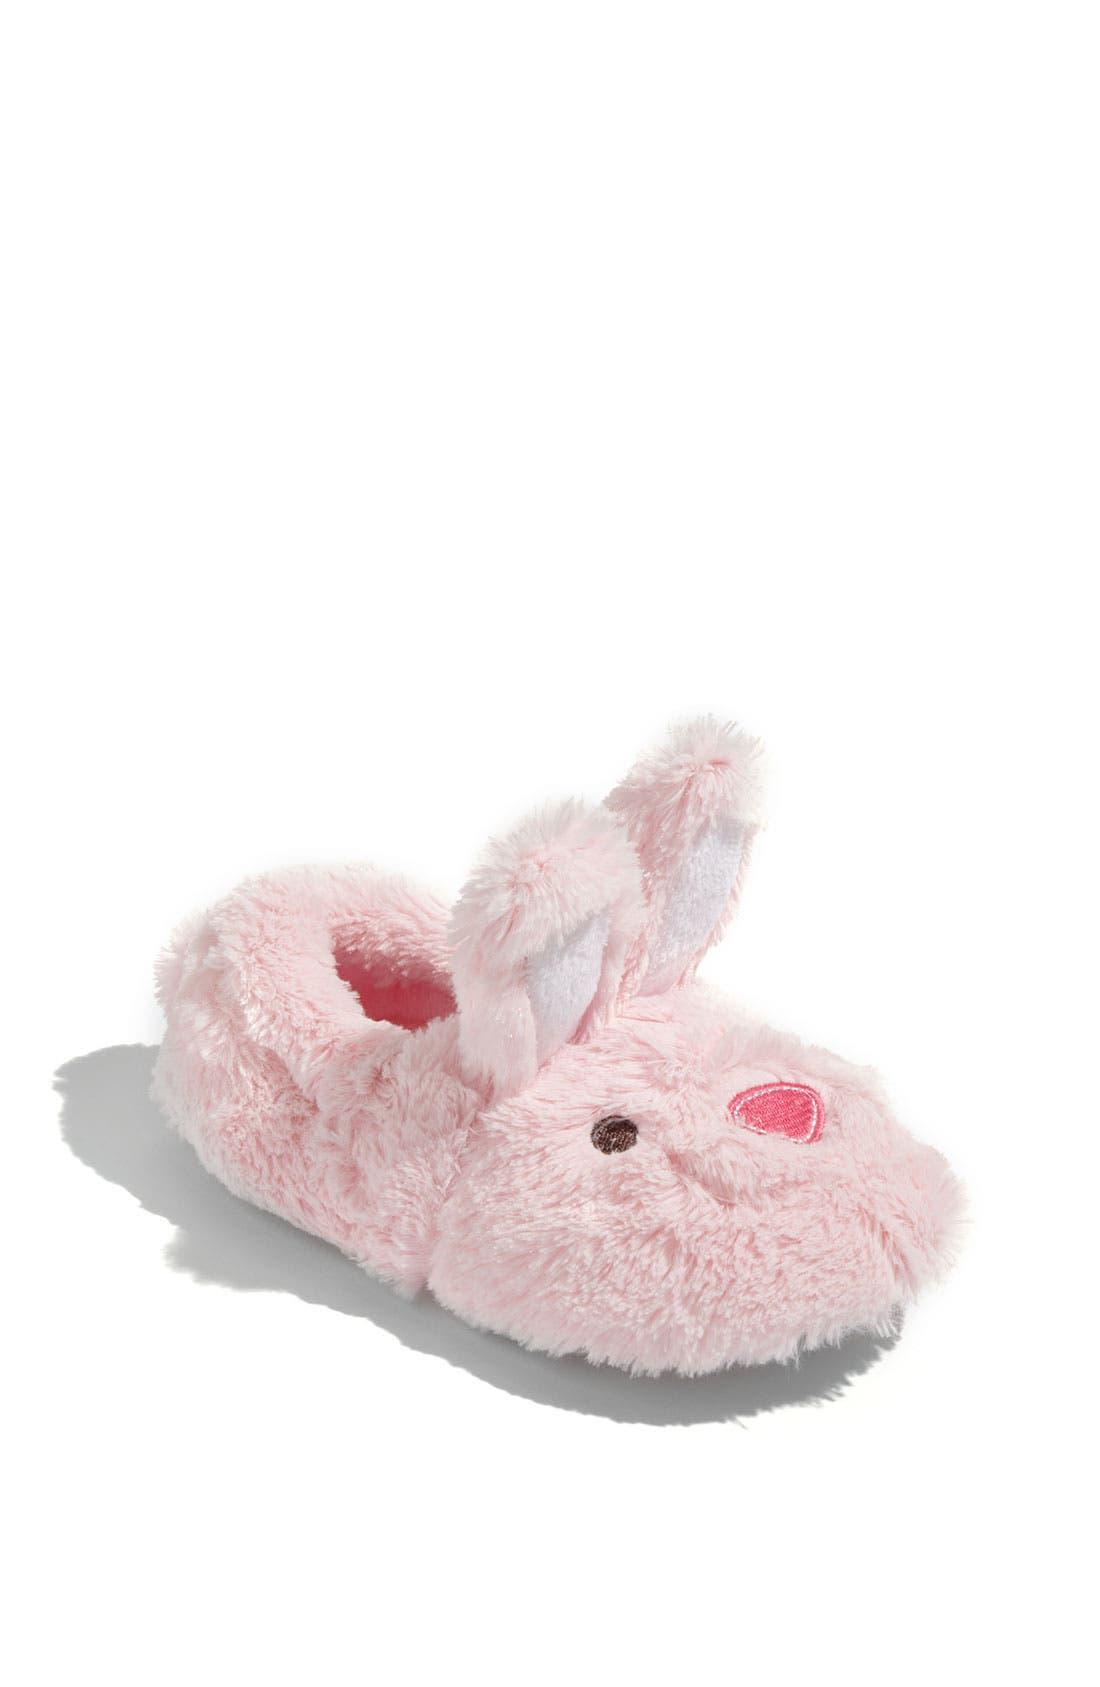 Alternate Image 1 Selected - Stride Rite 'Fuzzy Animal' Slipper (Walker, Toddler, & Little Kid)